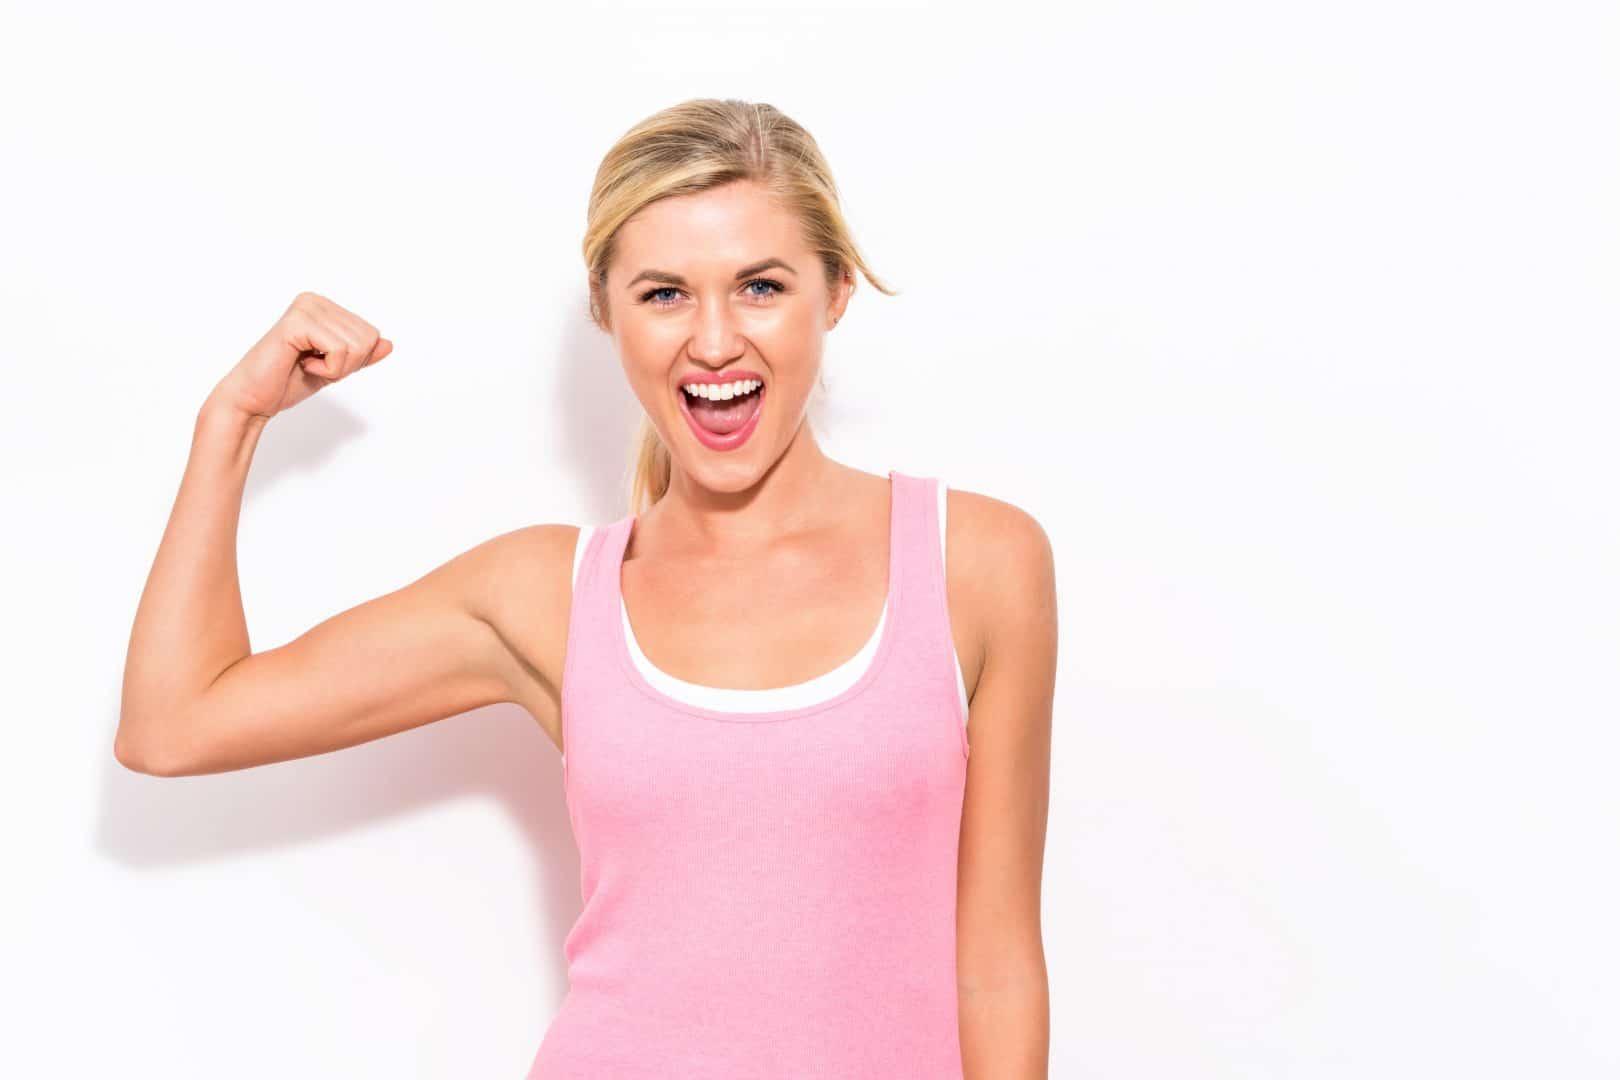 Kan styrketræning og motion give mig akne?